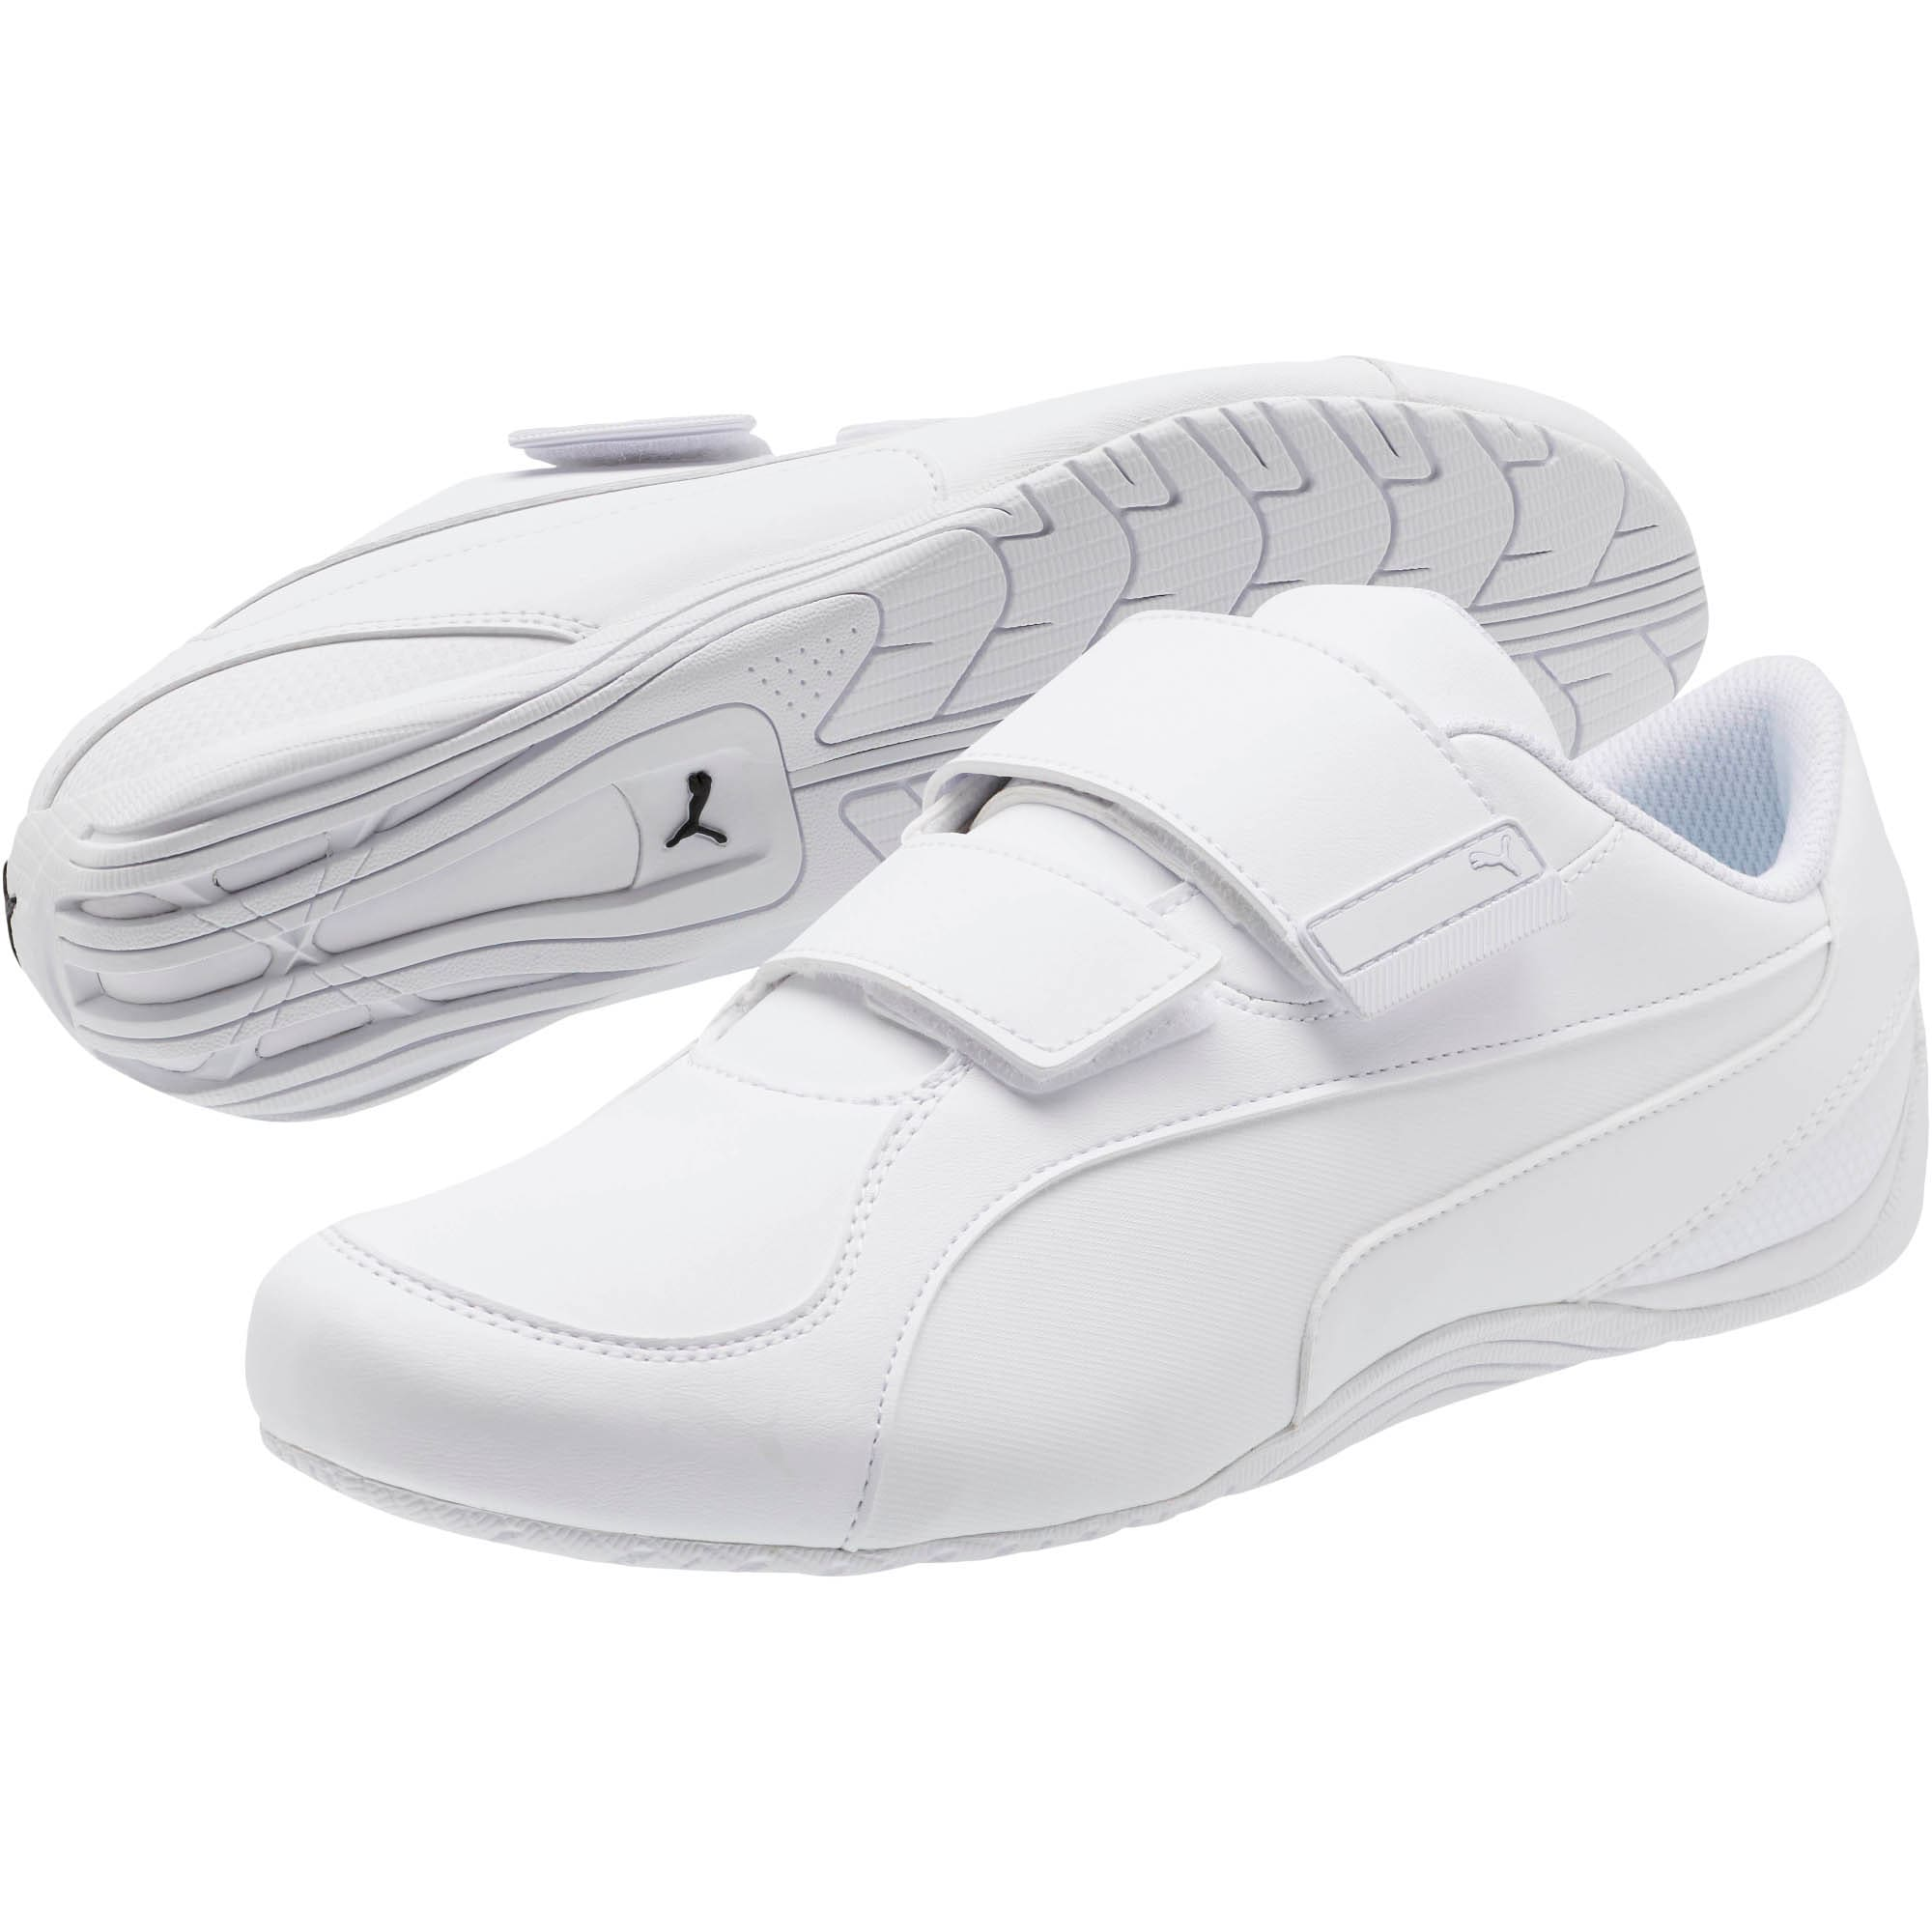 Miniatura 2 de ZapatosDrift Cat5AC para hombre, Puma White-Puma White, mediano